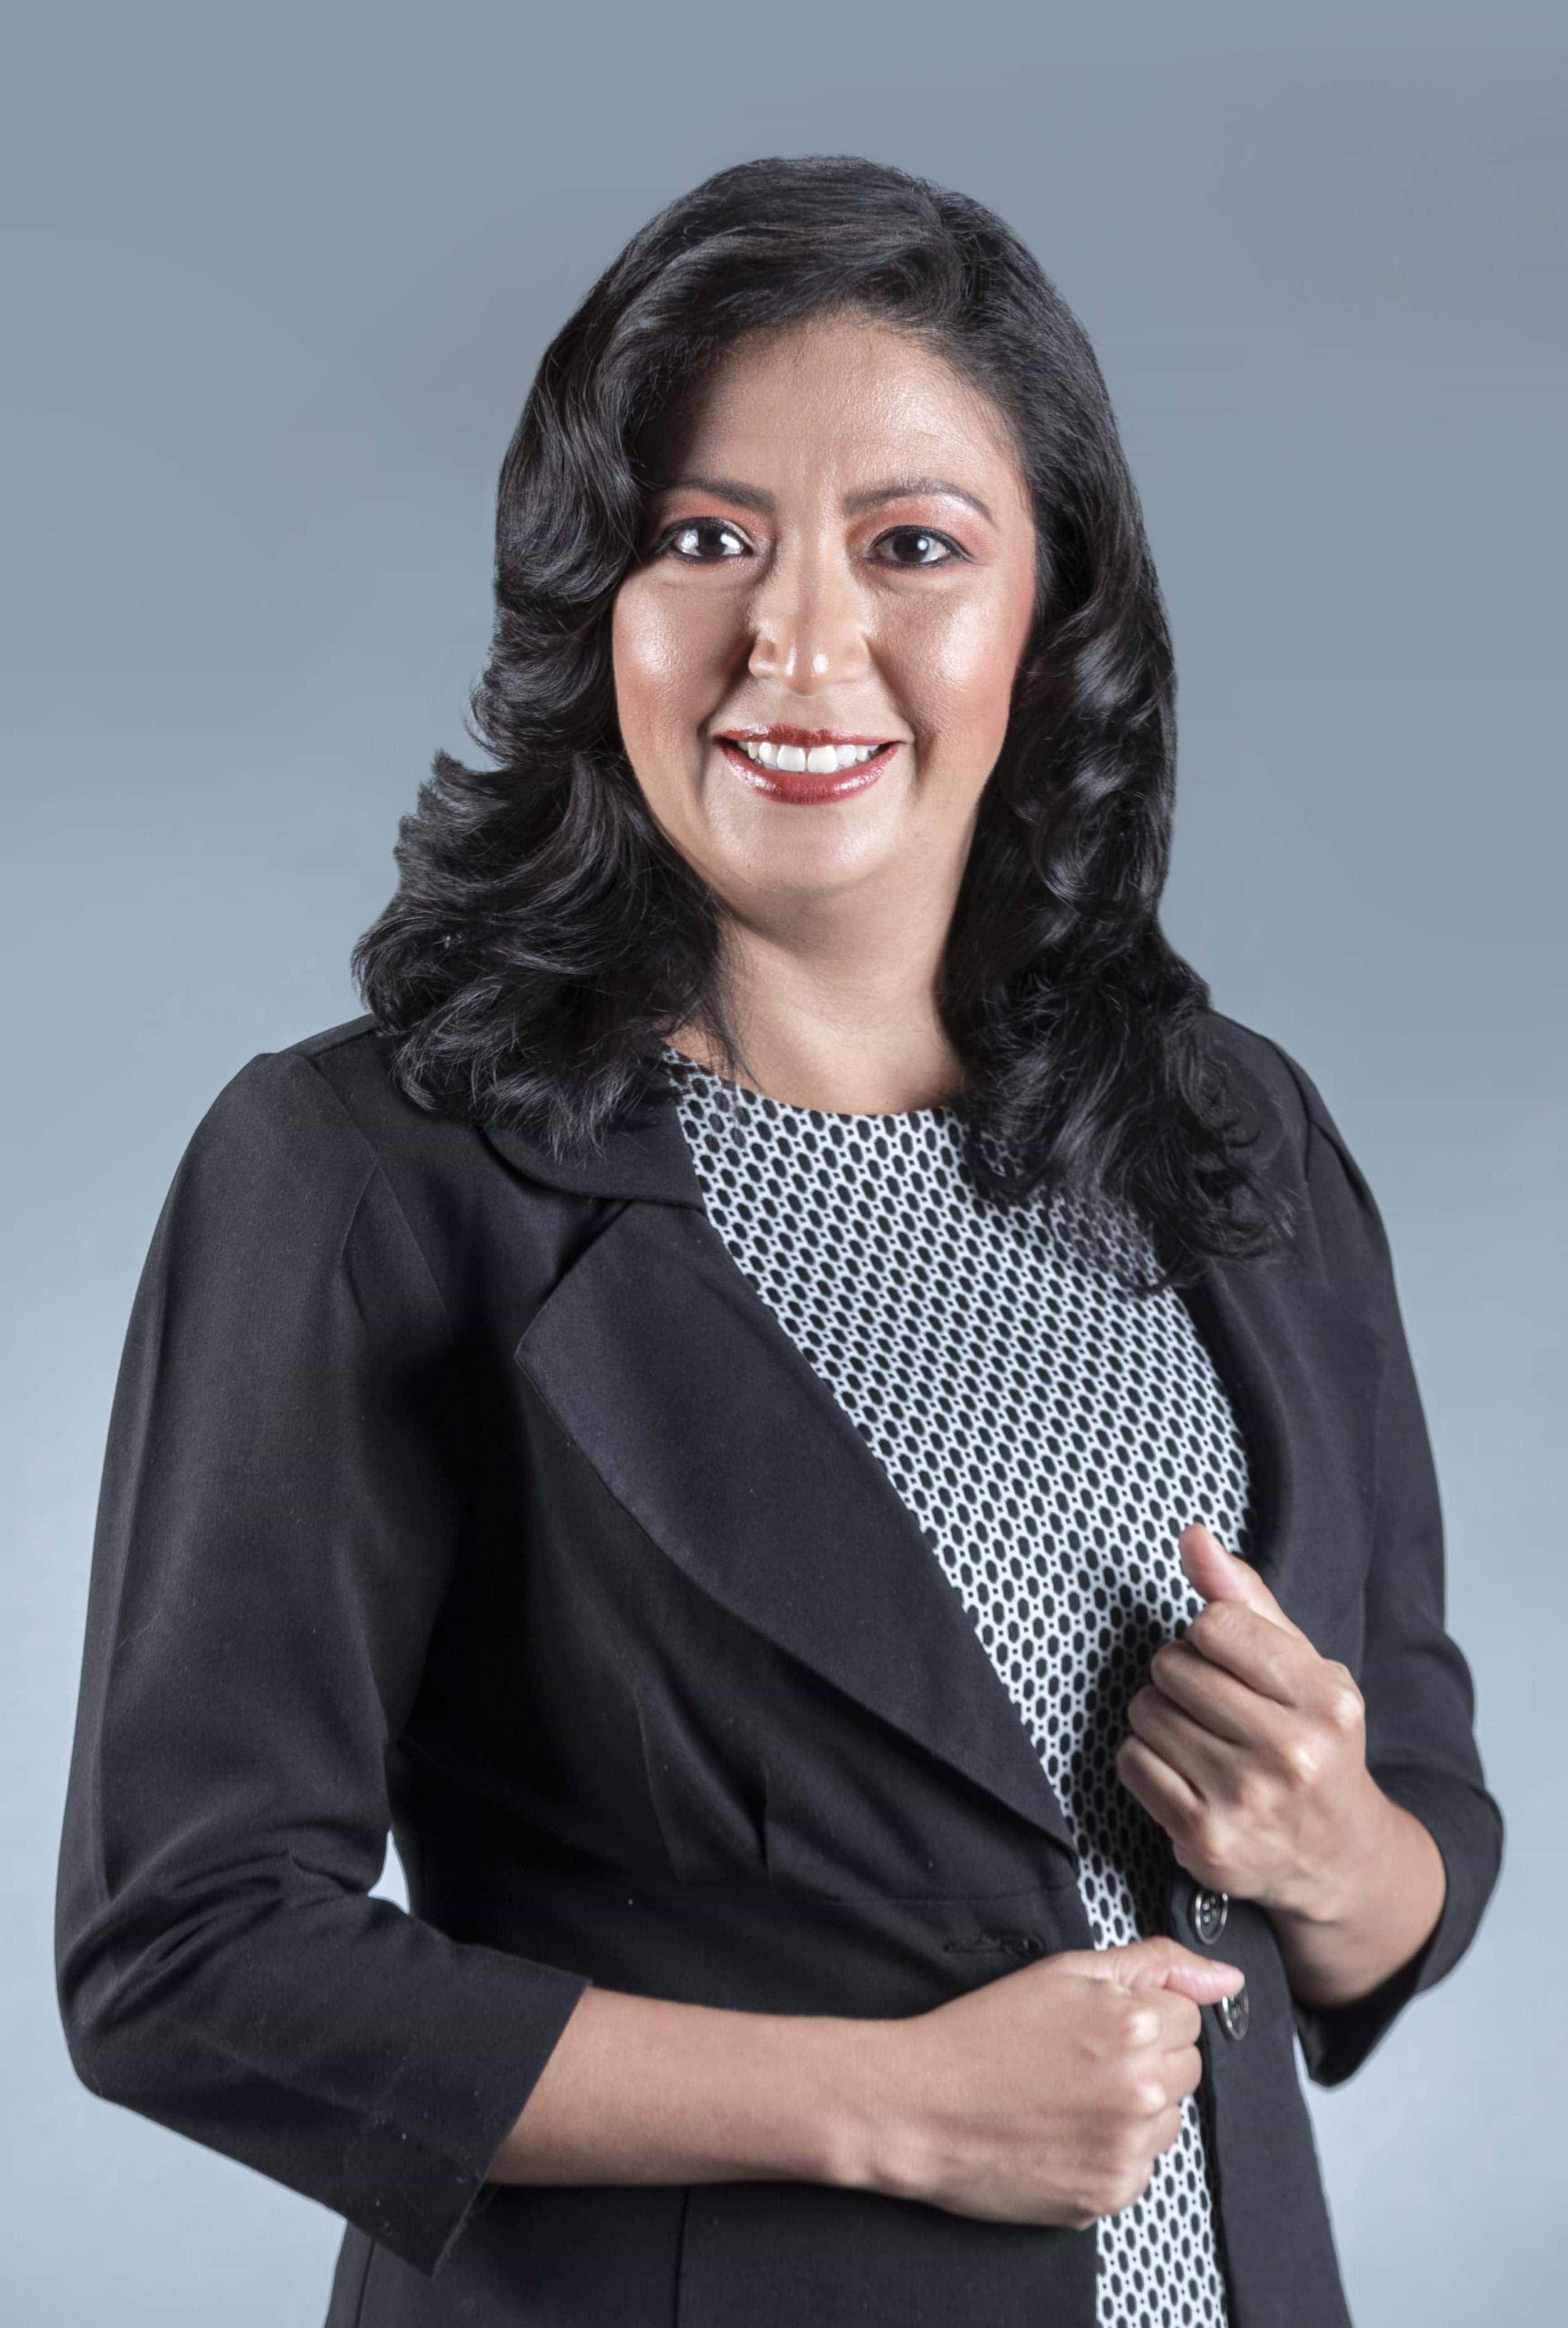 Victoria Melissa Serrano